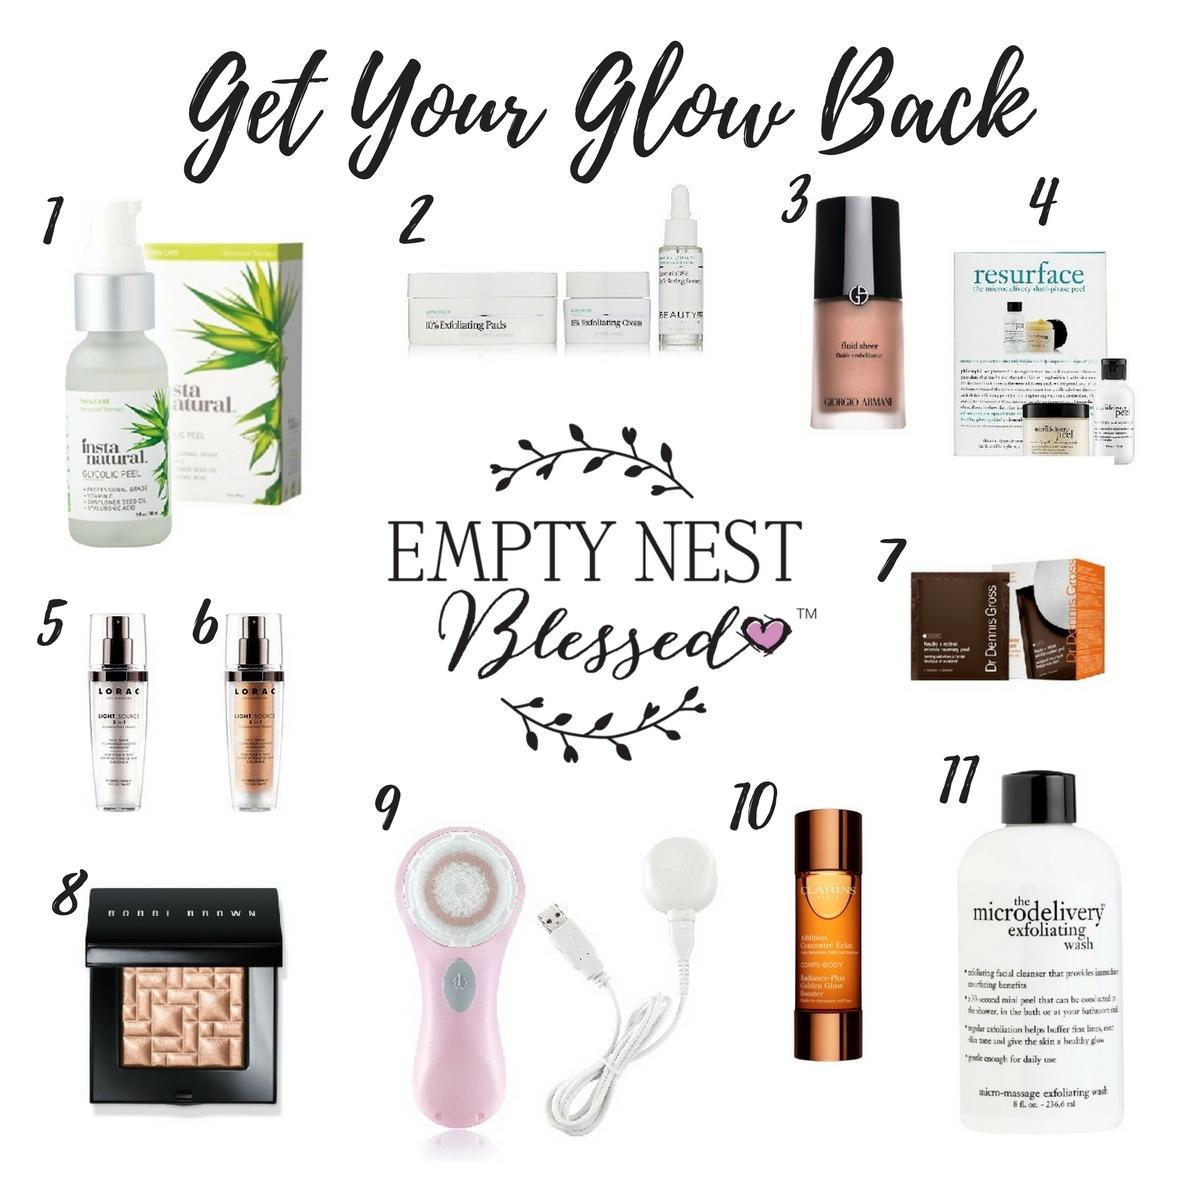 Glowing Skin, Exfoliation, Antiaging Skin, Get Glowing Skin, At